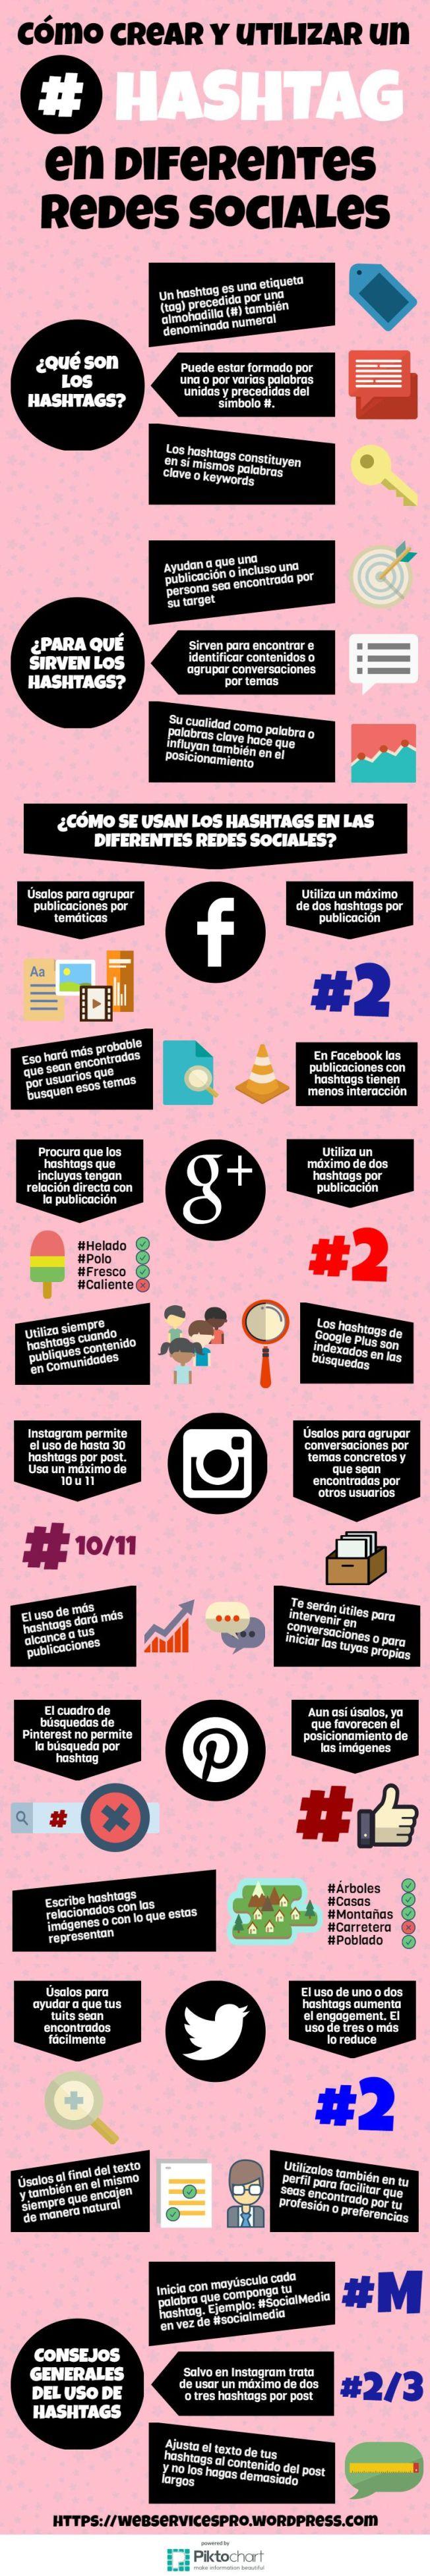 Uso del #Hahtag en las diferentes redes socialees